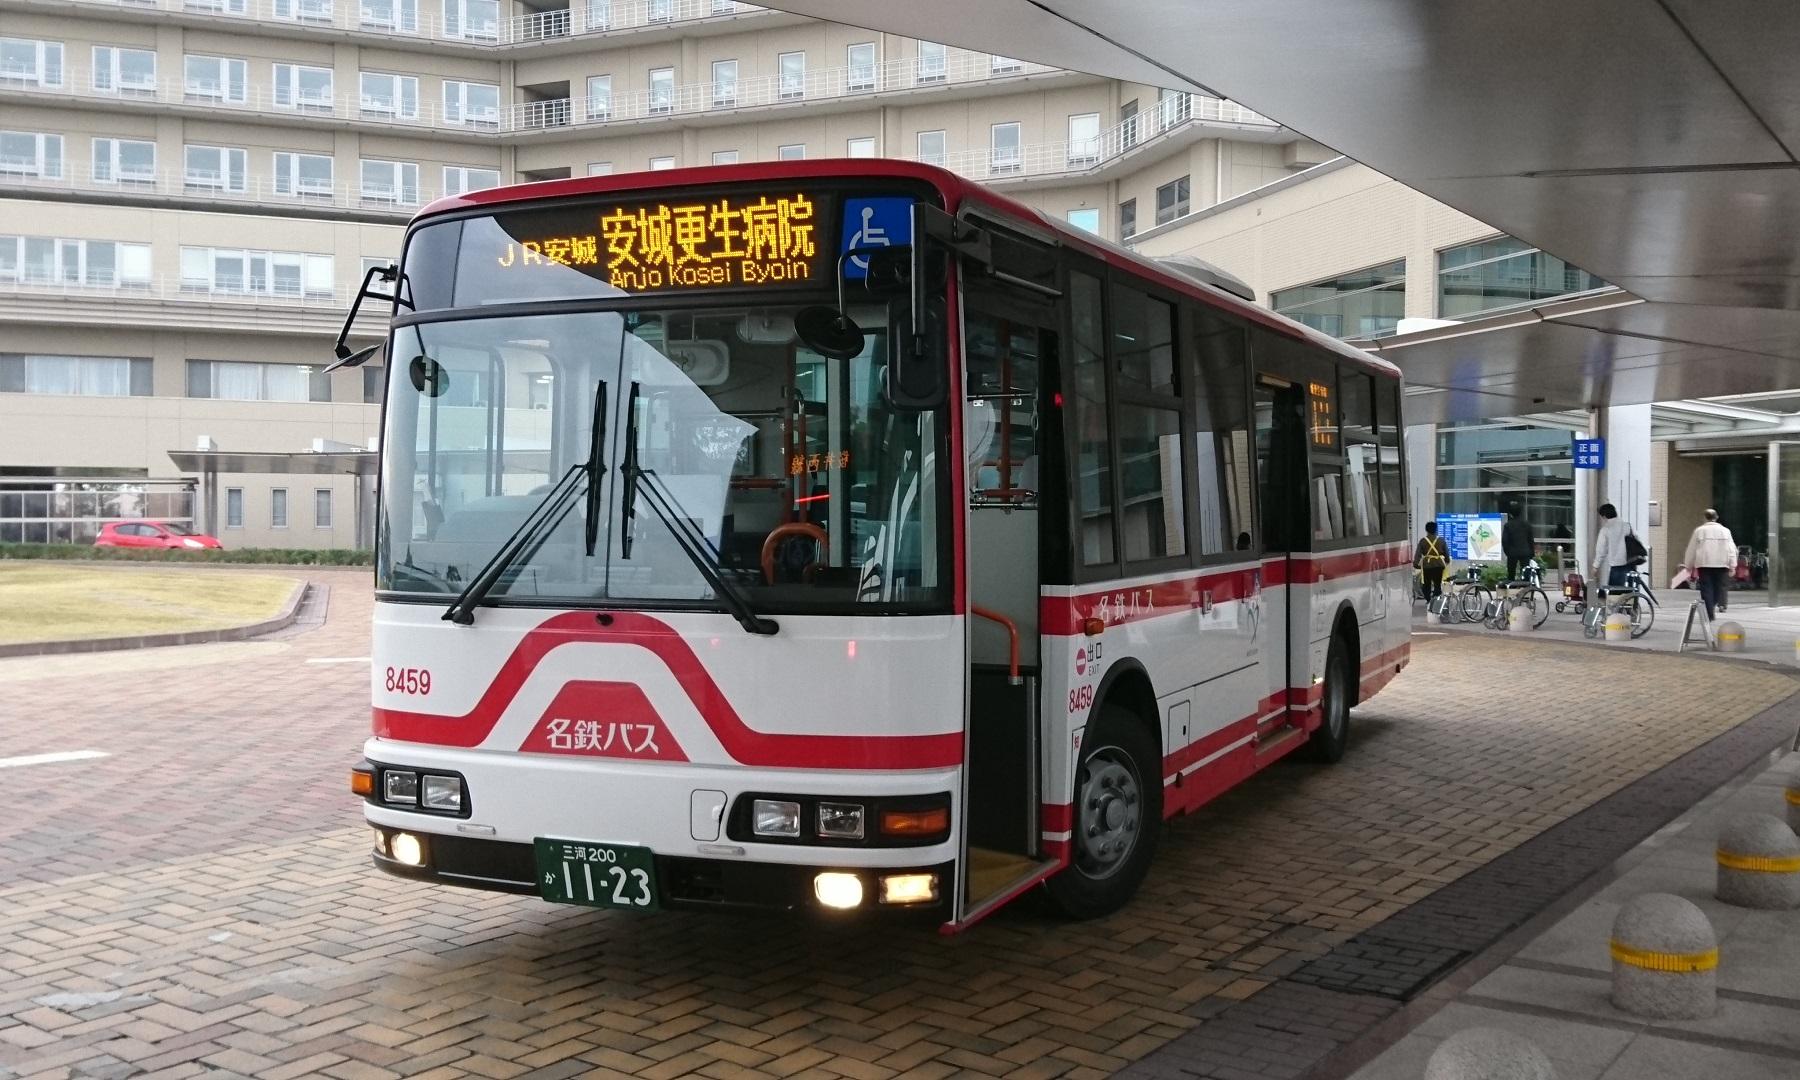 2016.11.21 あさ (1) 更生病院 - 名鉄バス 1800-1080